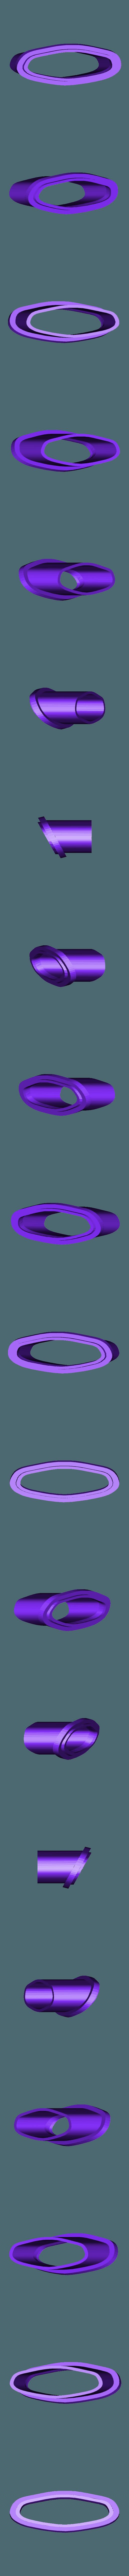 Philips-MiniVac-AttachableEnd.stl Télécharger fichier STL gratuit Extrémité attachable du MiniVac Philips • Design à imprimer en 3D, crisonescu